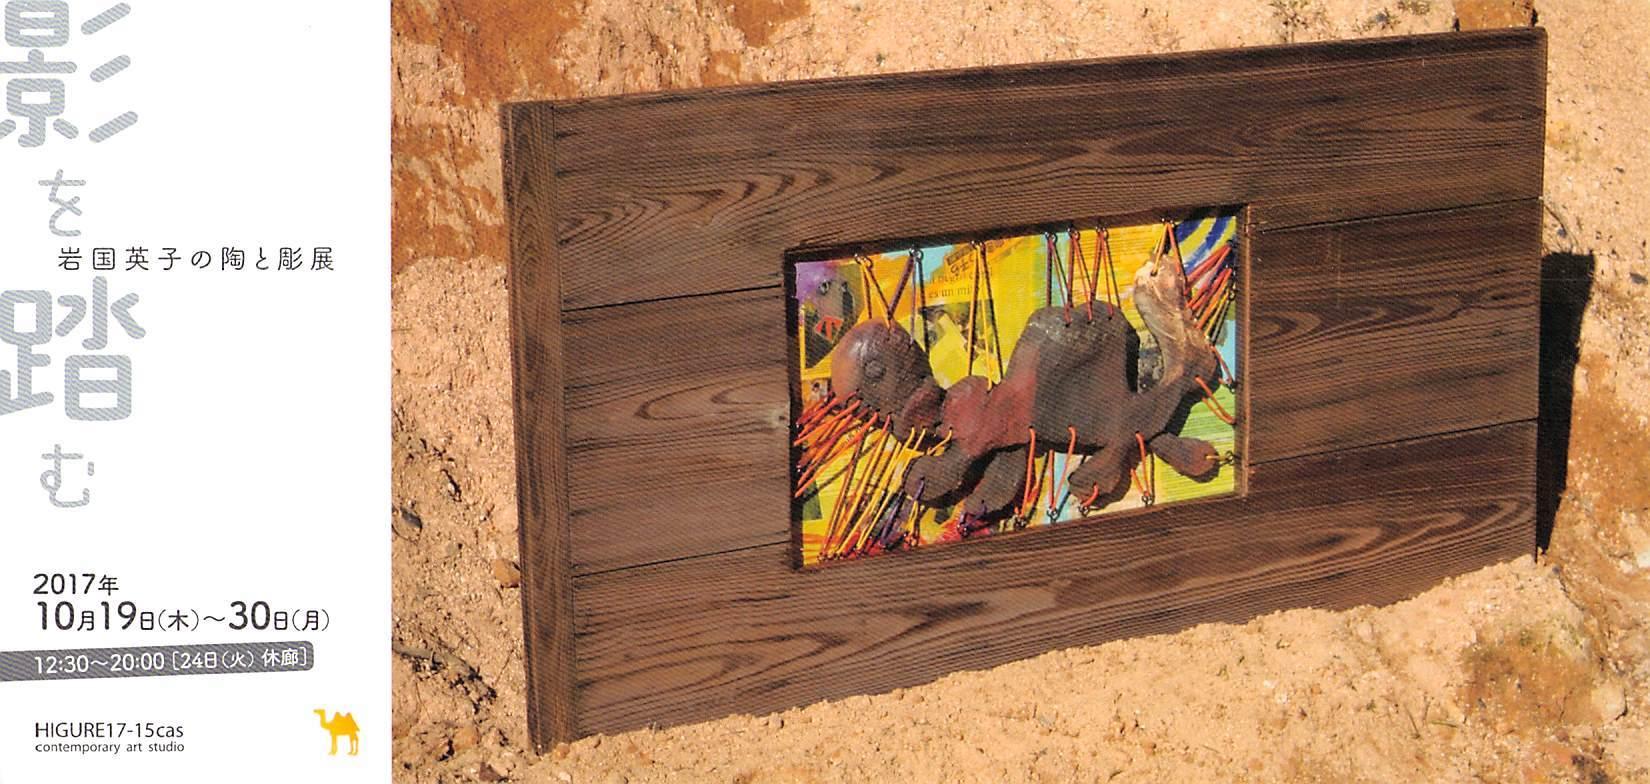 岩国英子の陶と彫展_c0164399_09451013.jpg